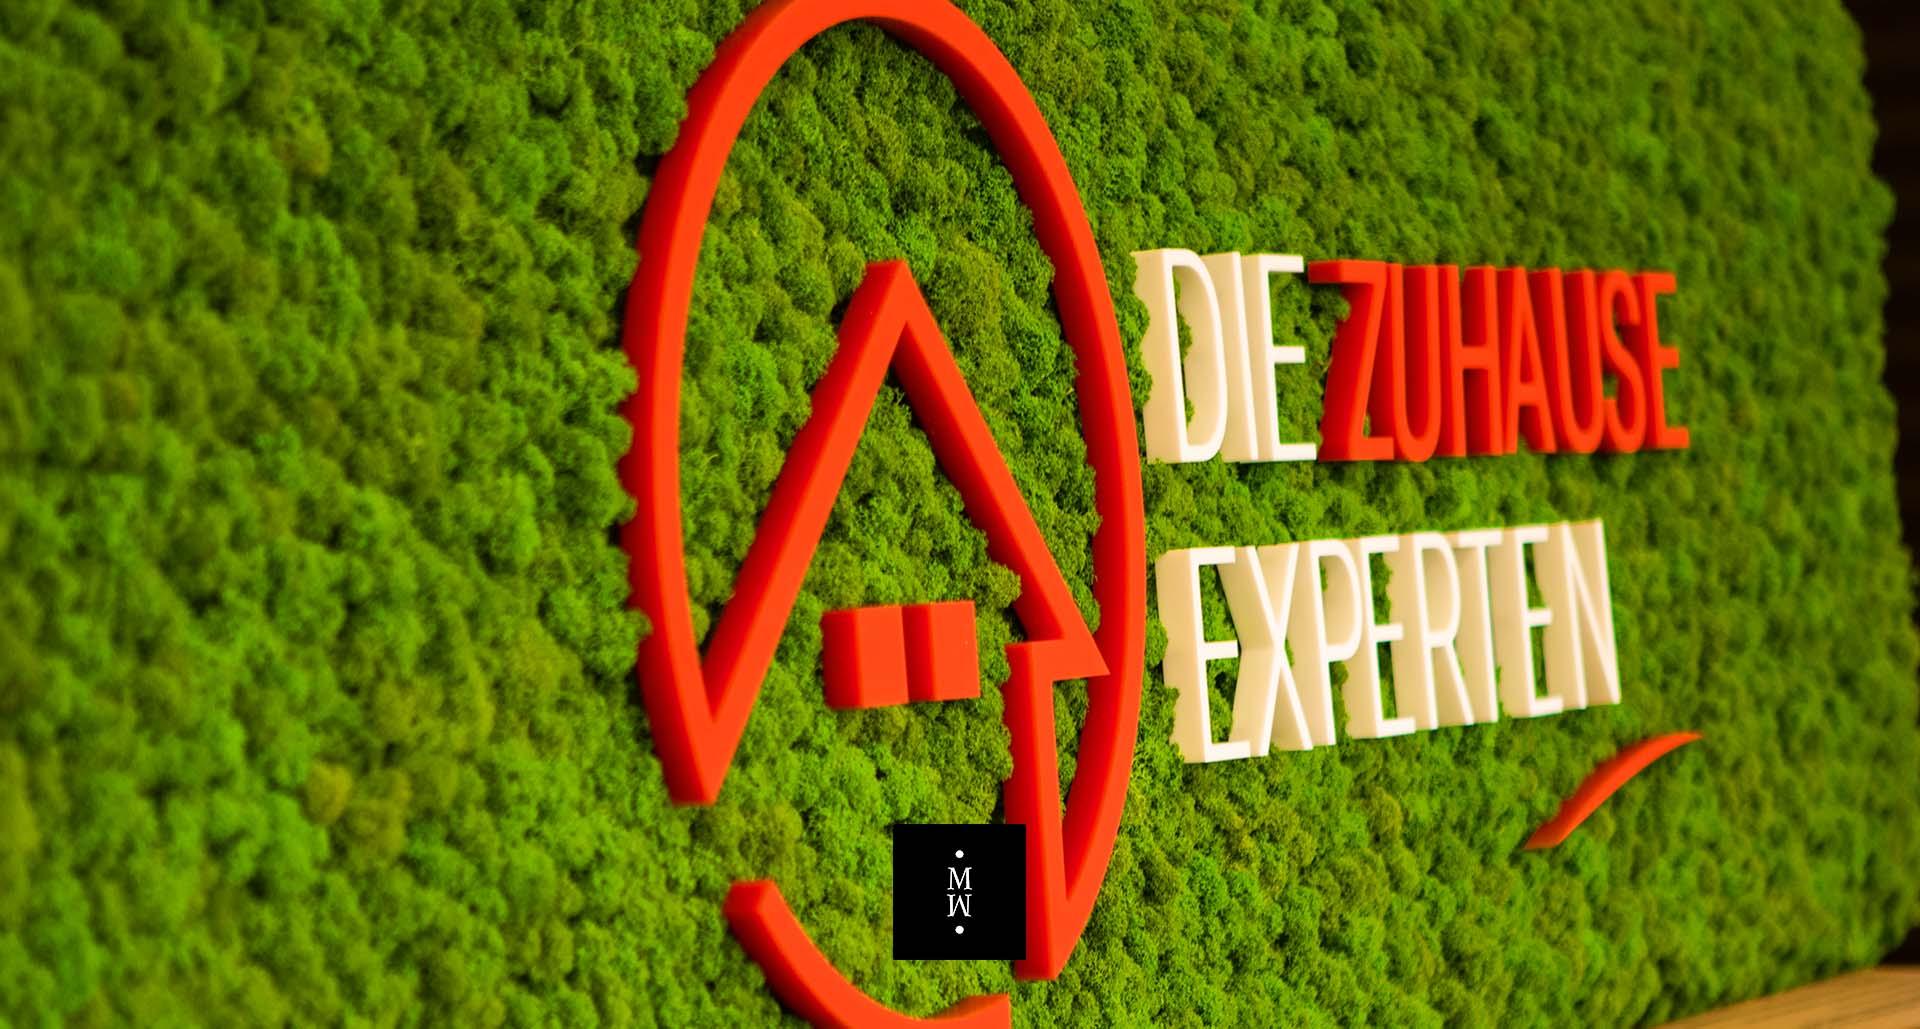 Mooswand Islandmoos Die Zuhause Experten Logo